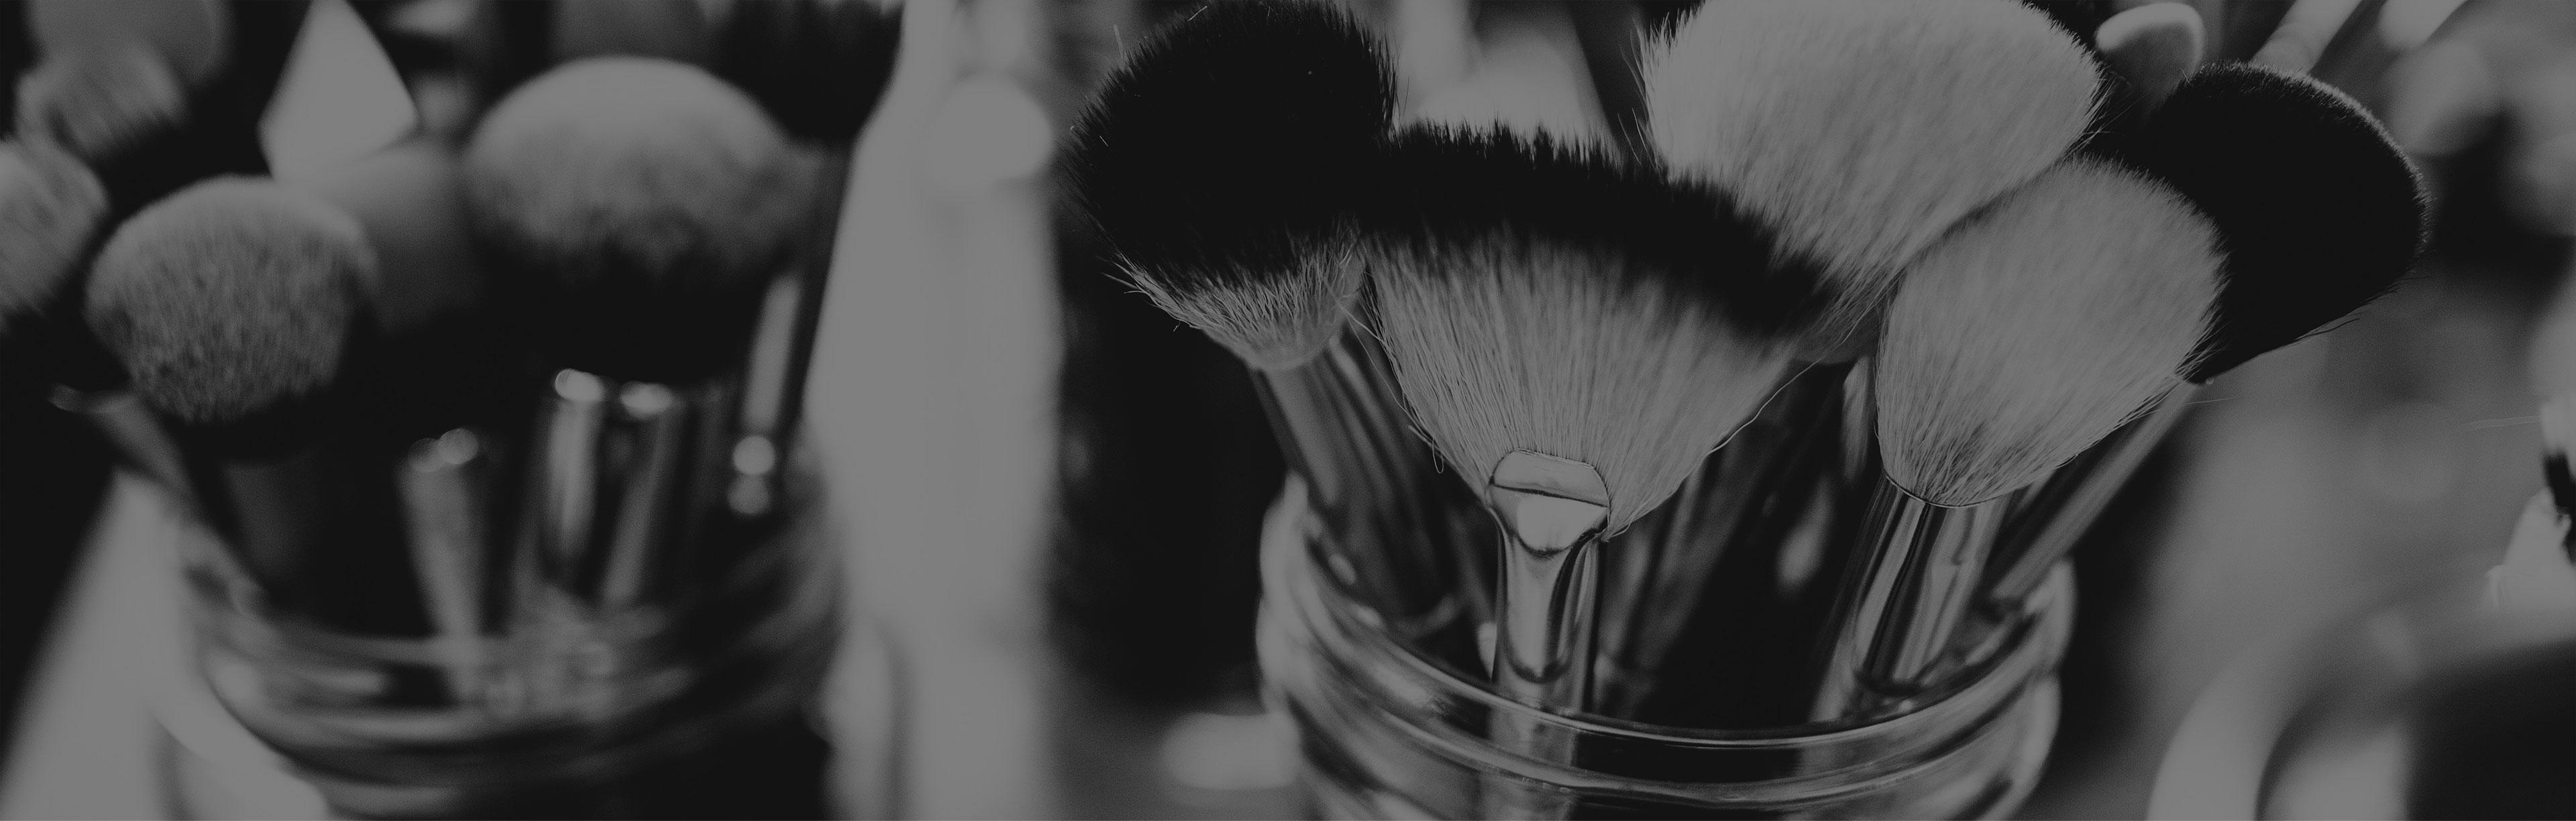 anan-make up studio-blush-brows-brides-maison de beauté-marseille-institut-salon-maquillage-make up-pinceaux-noir et blanc